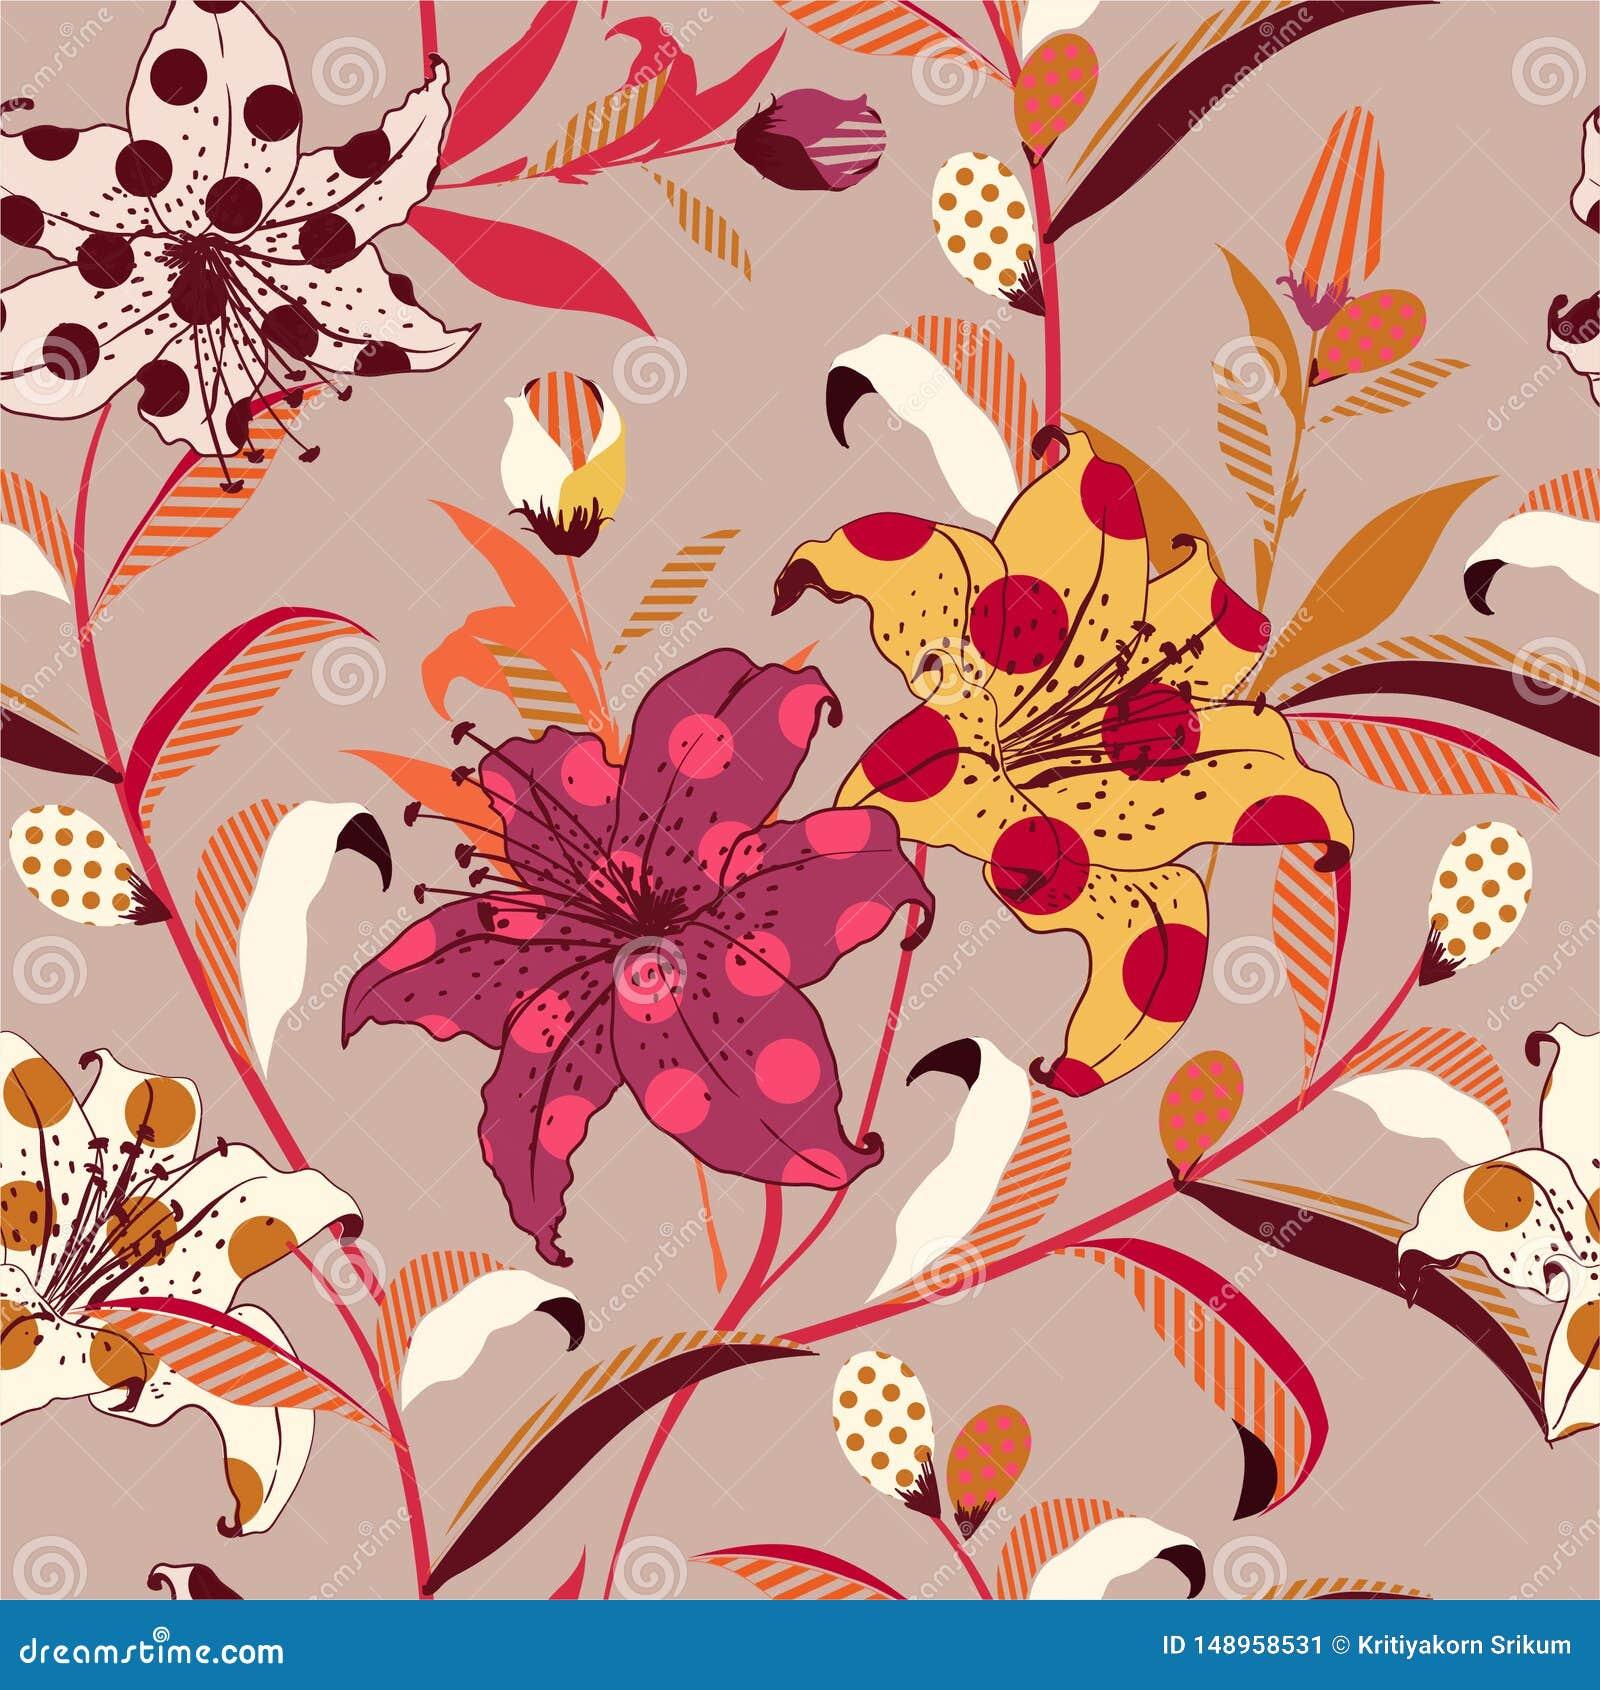 Картина ретро ультрамодного вектора флористические безшовная на красочном стиле искусства попа заполнени-в с точке польки и strip